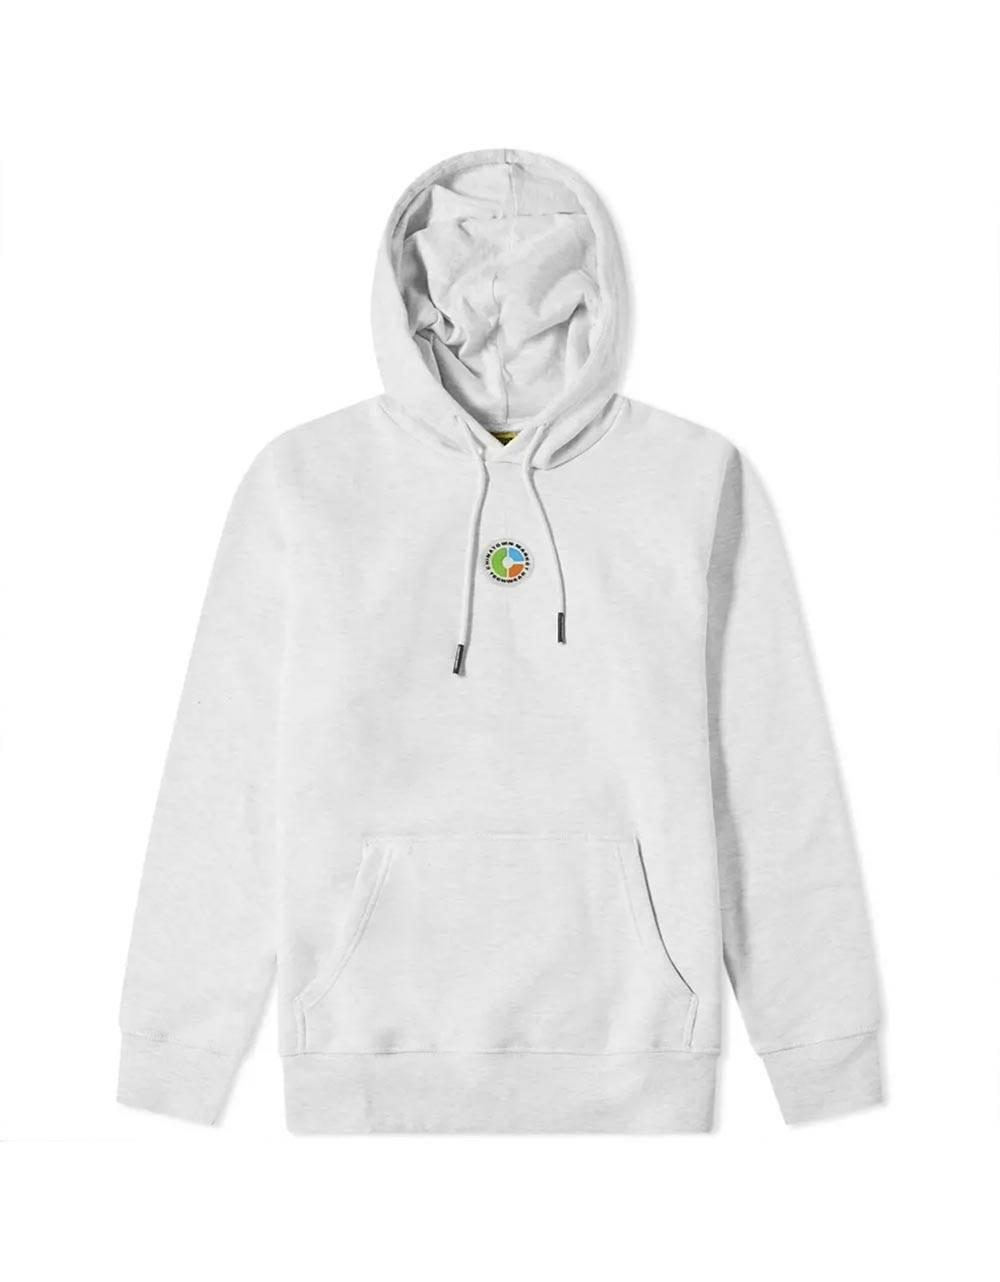 ChinaTown Market Techwear hoodie - grey melange Chinatown Market Sweater 130,00€